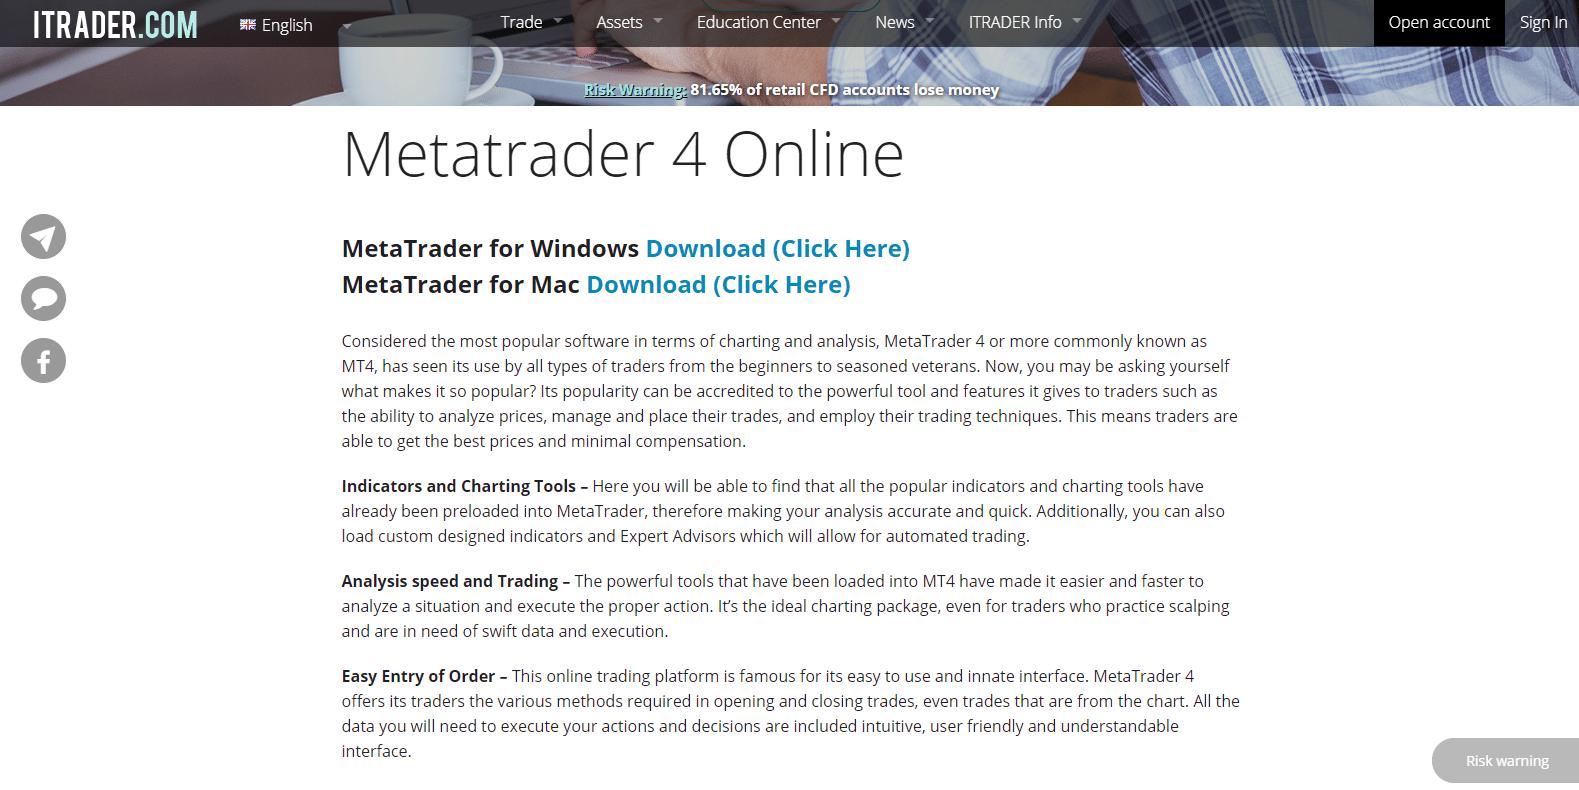 iTrader-Angebot-MetaTrader